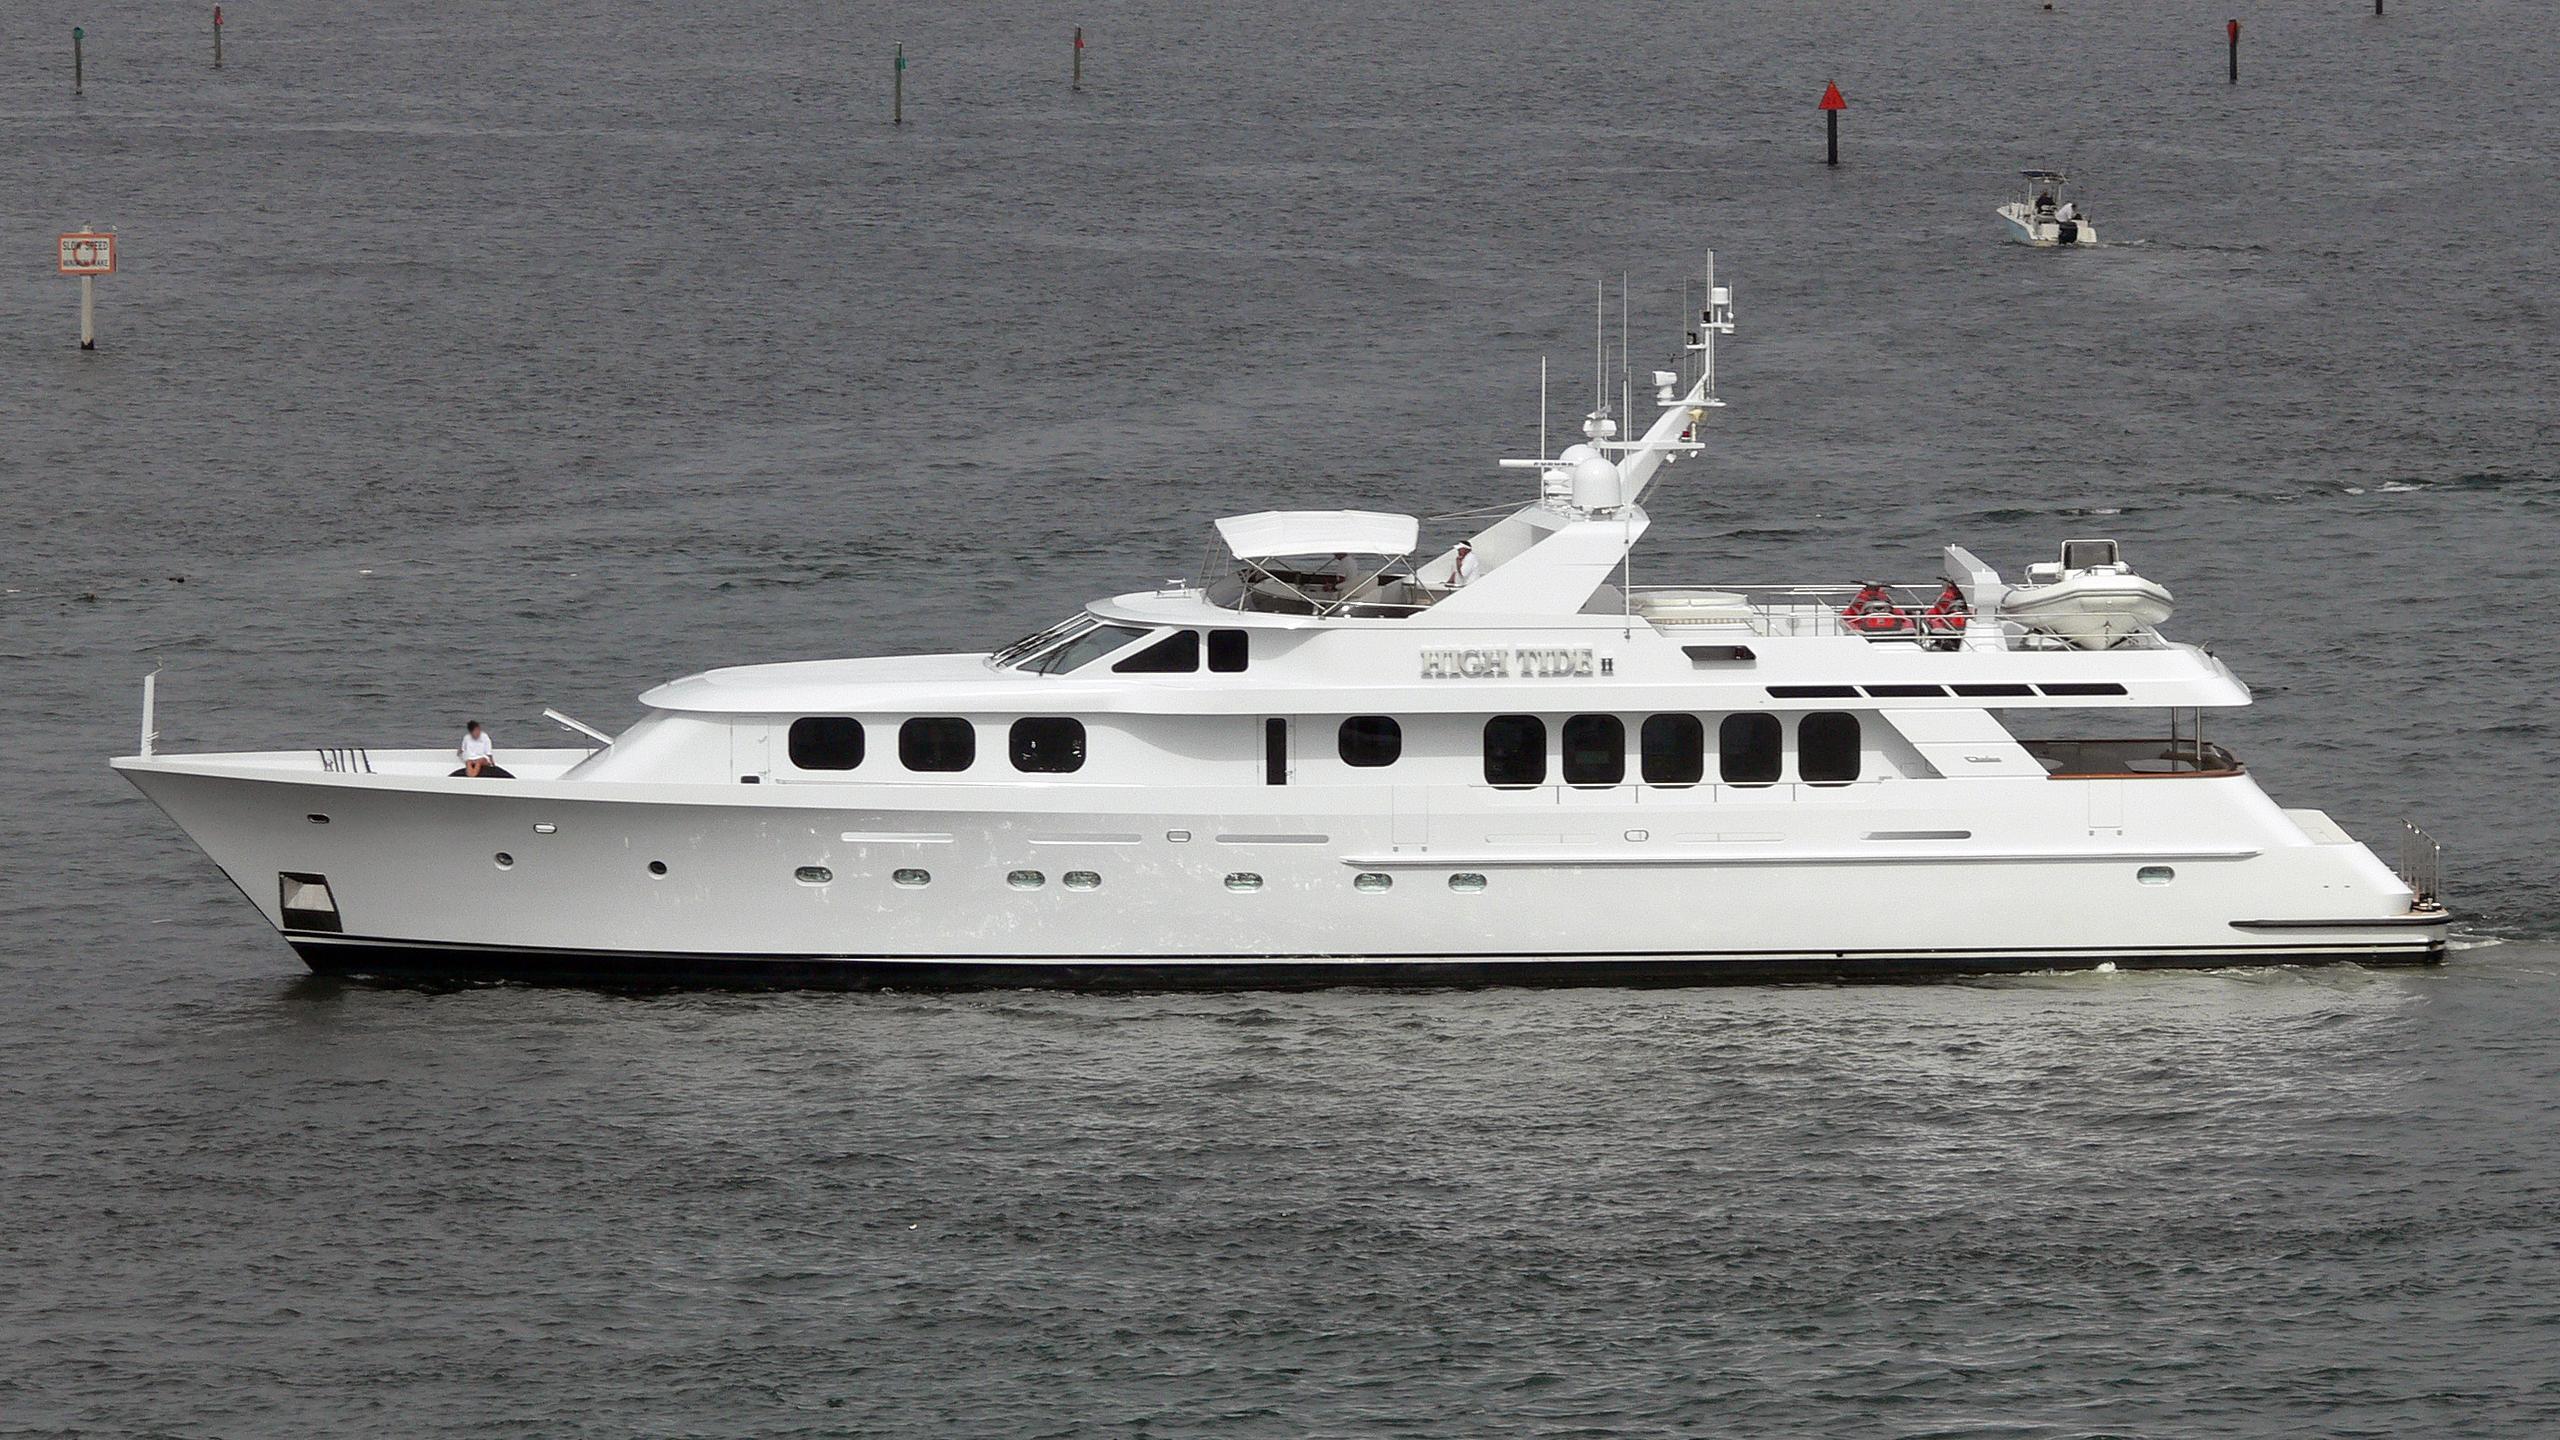 cachee-motor-yacht-christensen-1999-38m-profile